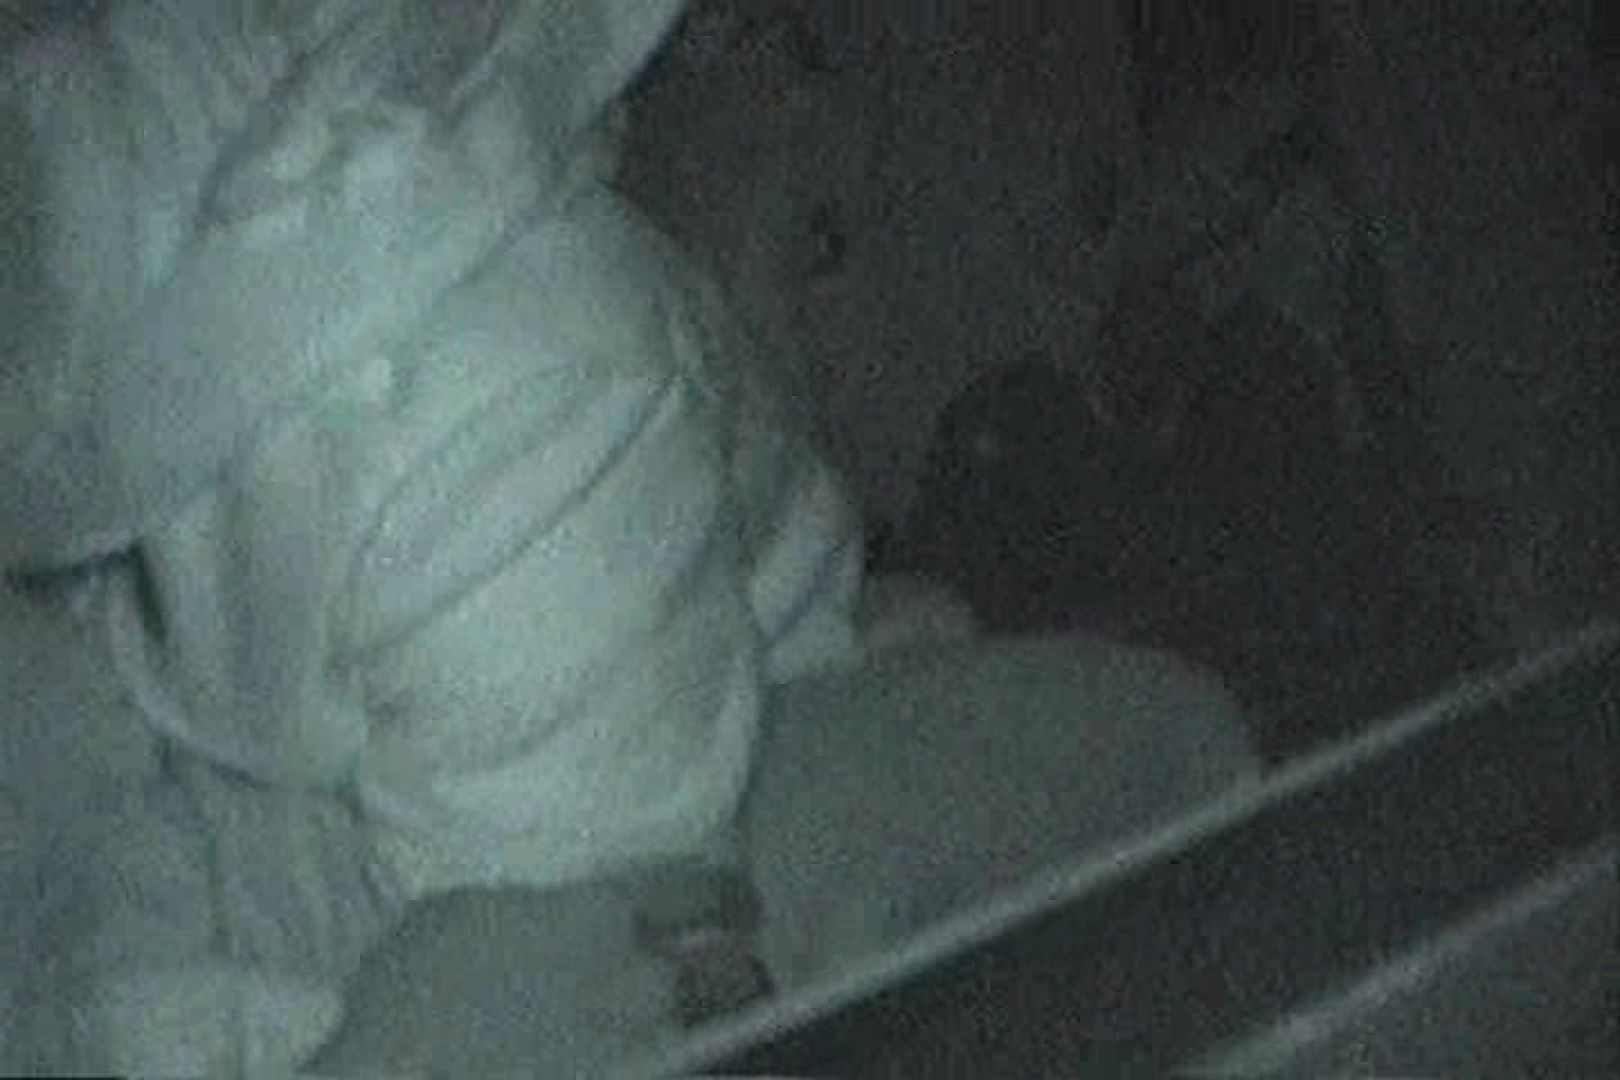 充血監督の深夜の運動会Vol.122 おまんこ無修正 盗み撮りSEX無修正画像 44pic 2